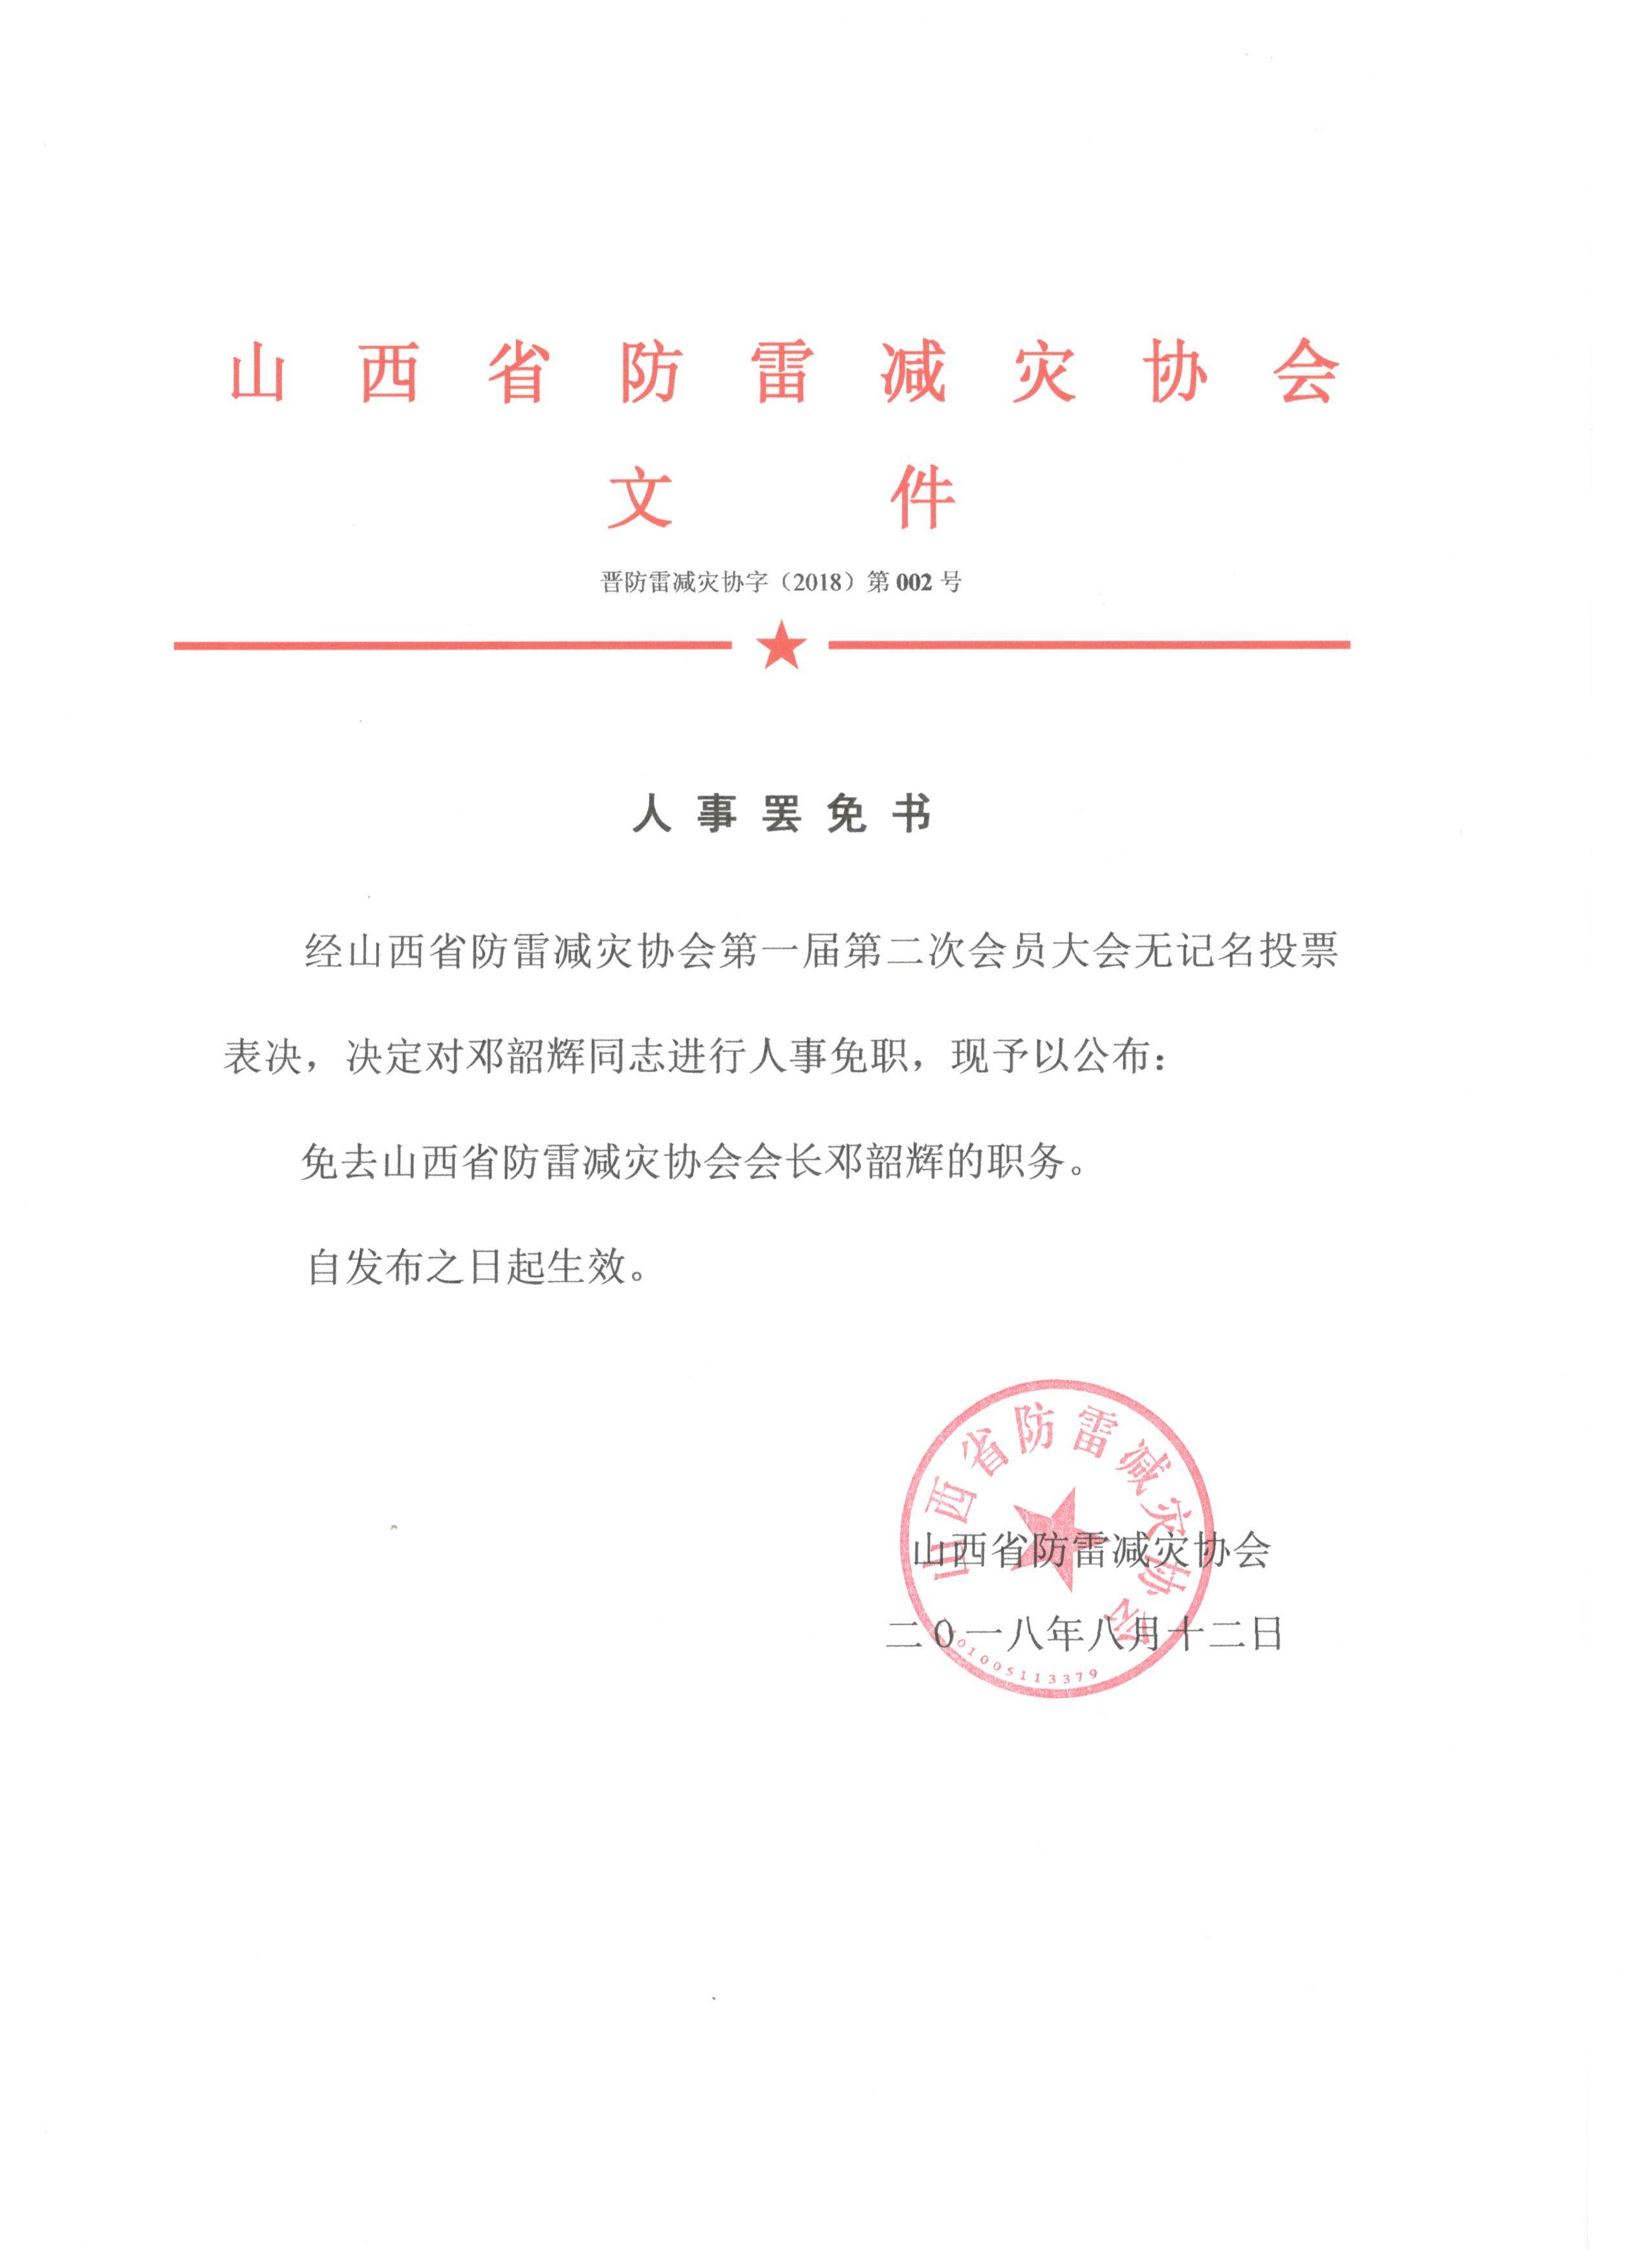 人事任命书_山西省防雷减灾协会人事罢免与任命书